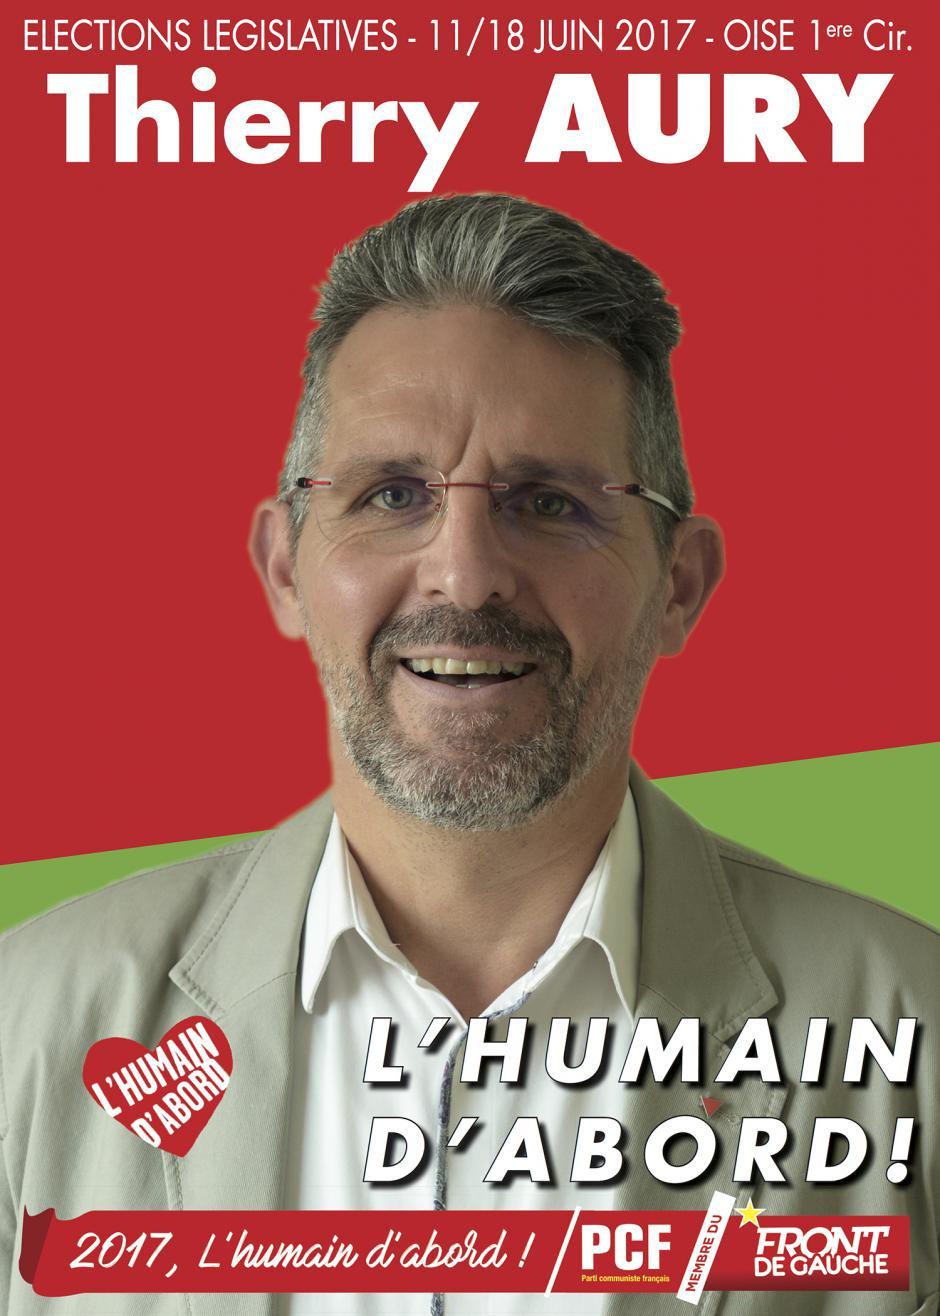 Affiche de campagne de Thierry Aury aux Législatives 2017 - 1re circonscription de l'Oise, 21 février 2017